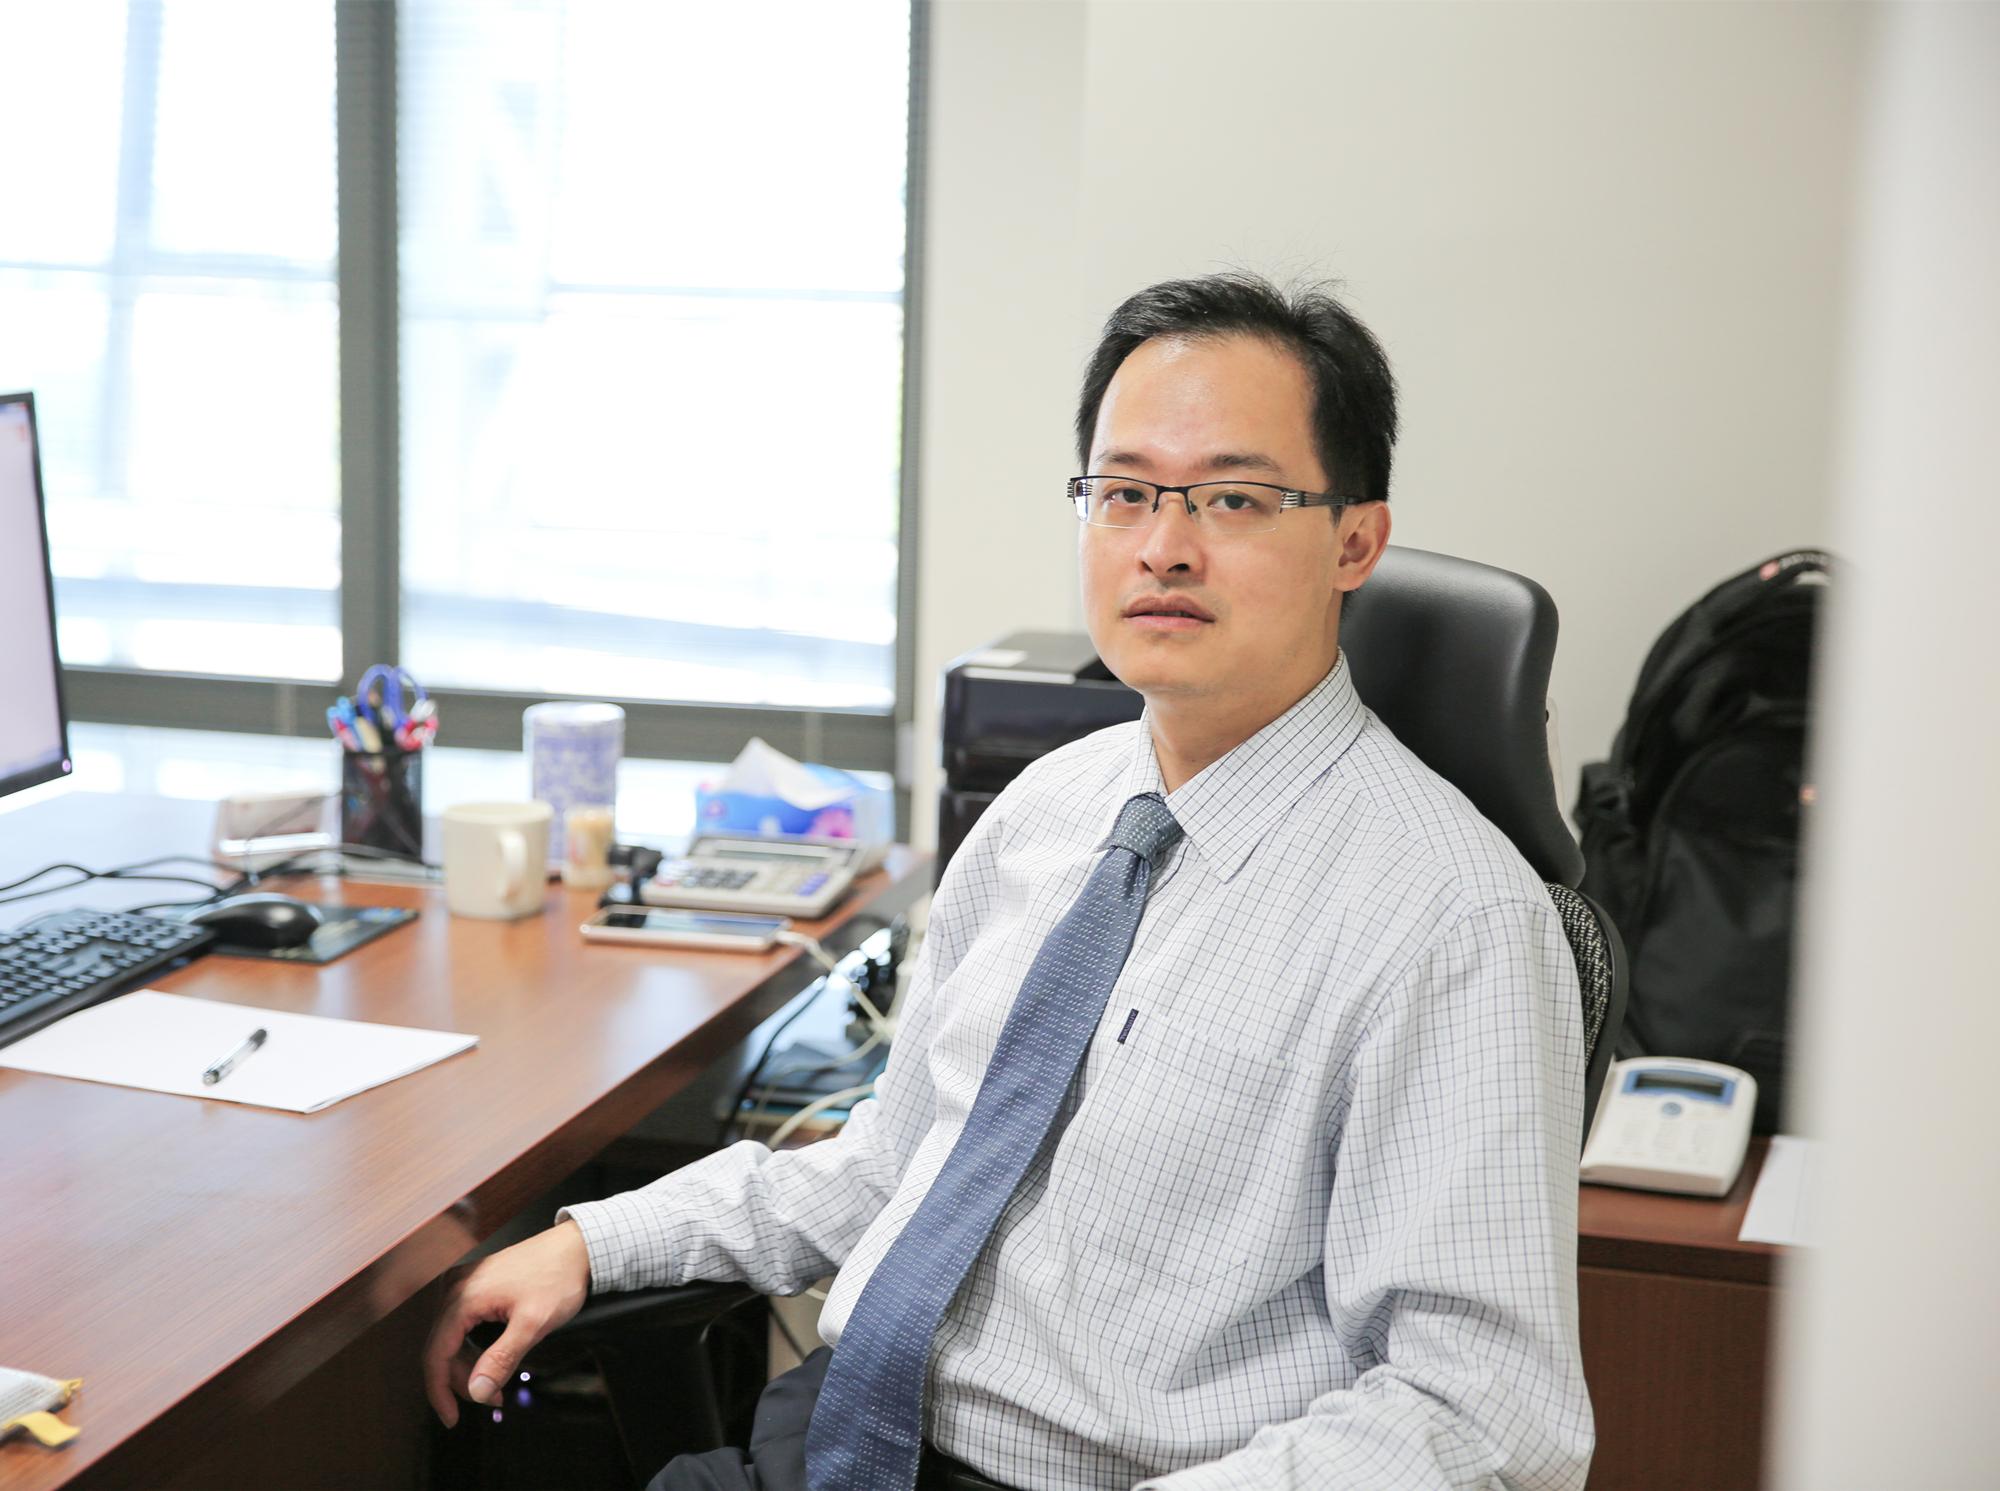 中信证券Delta One负责人朱晓天博士加盟北大汇丰商学院